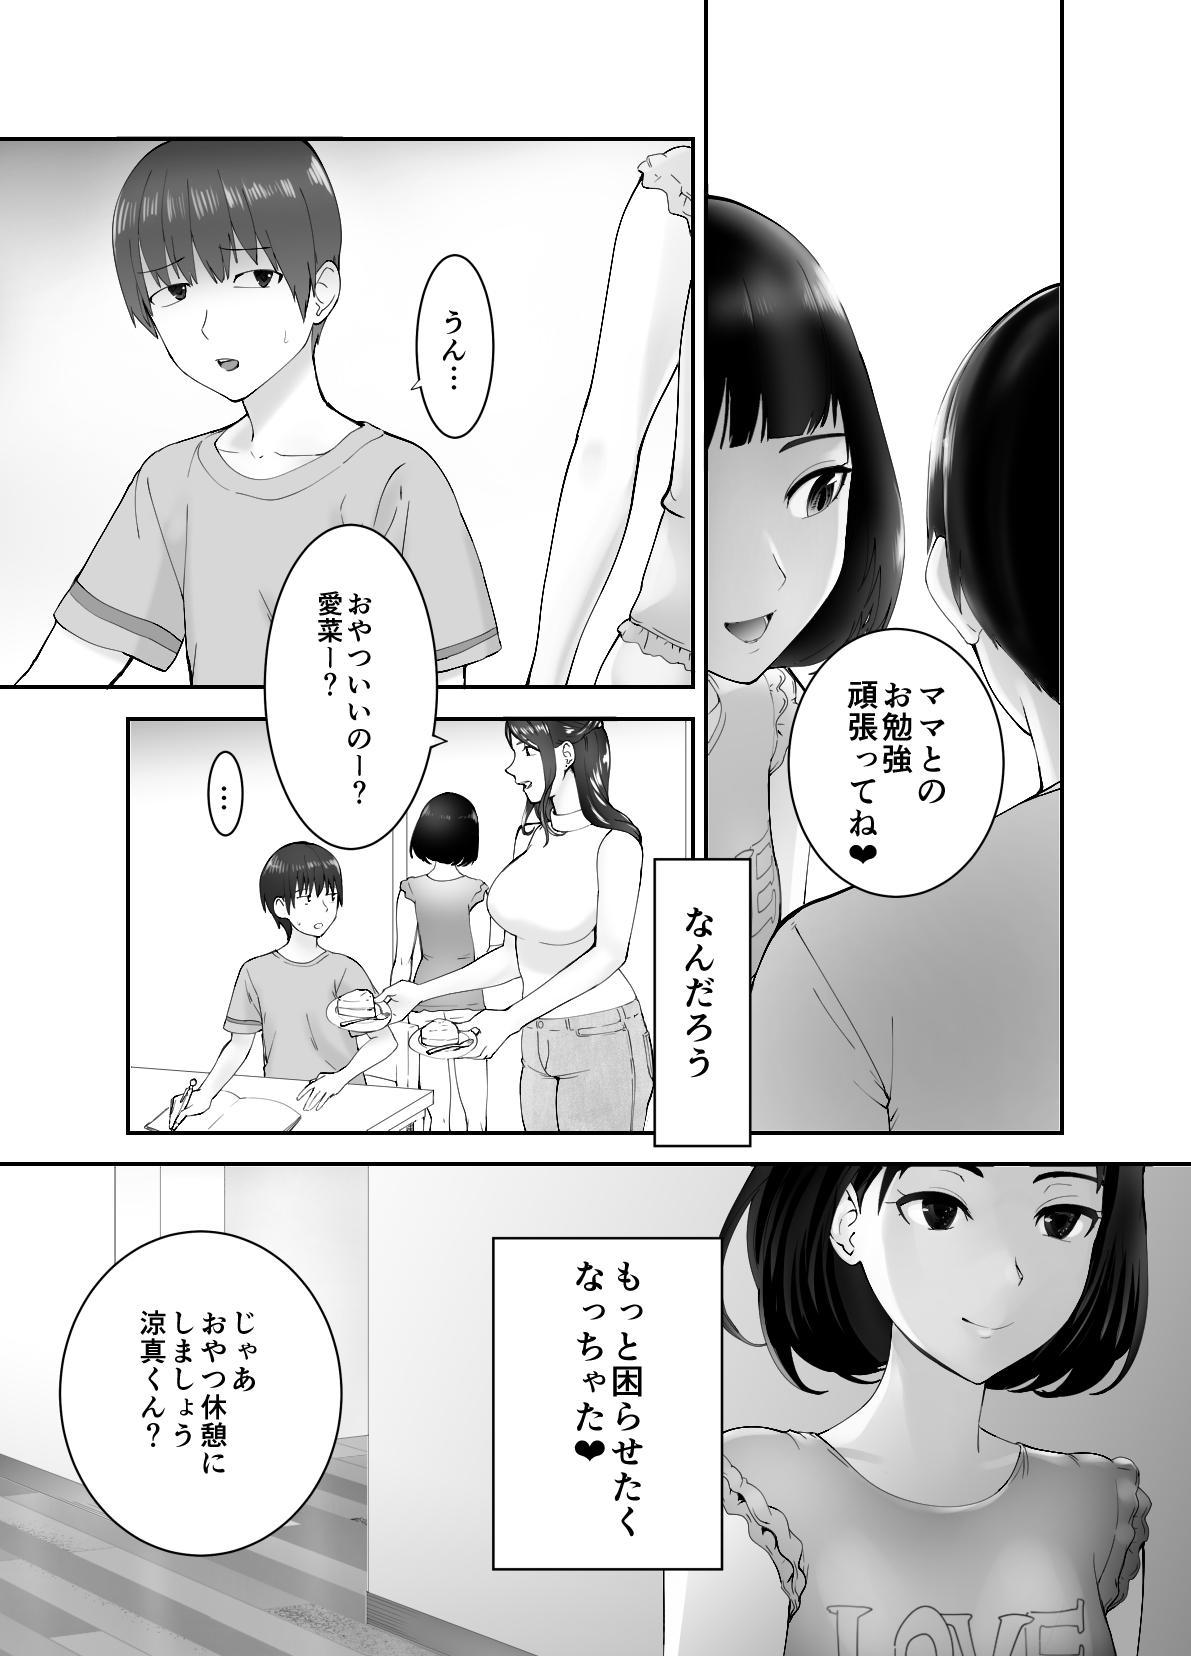 Osananajimi ga Mama to Yatte Imasu. 2 23